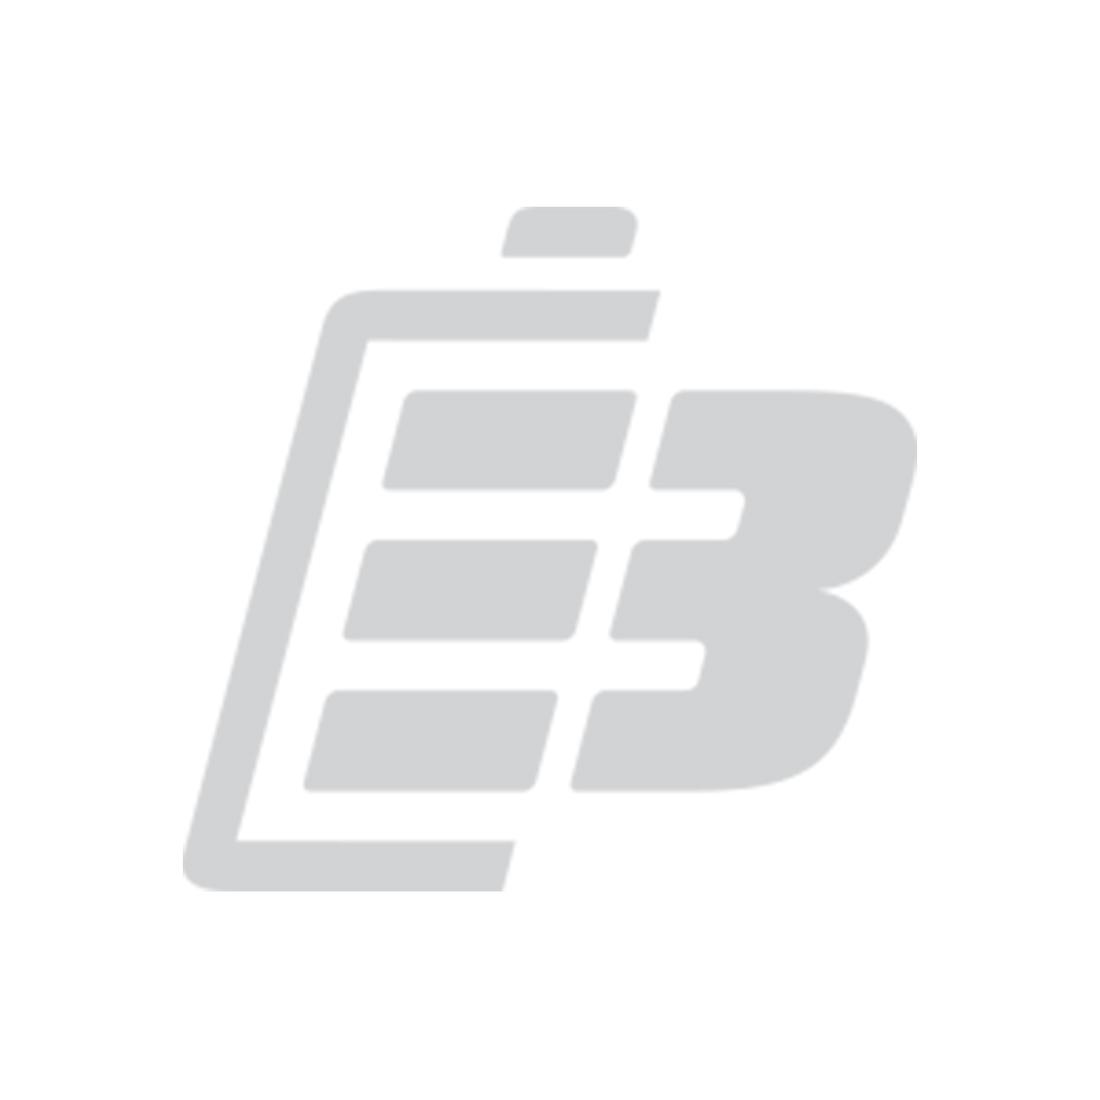 Fenix E01 V2.0 EDC Flashlight